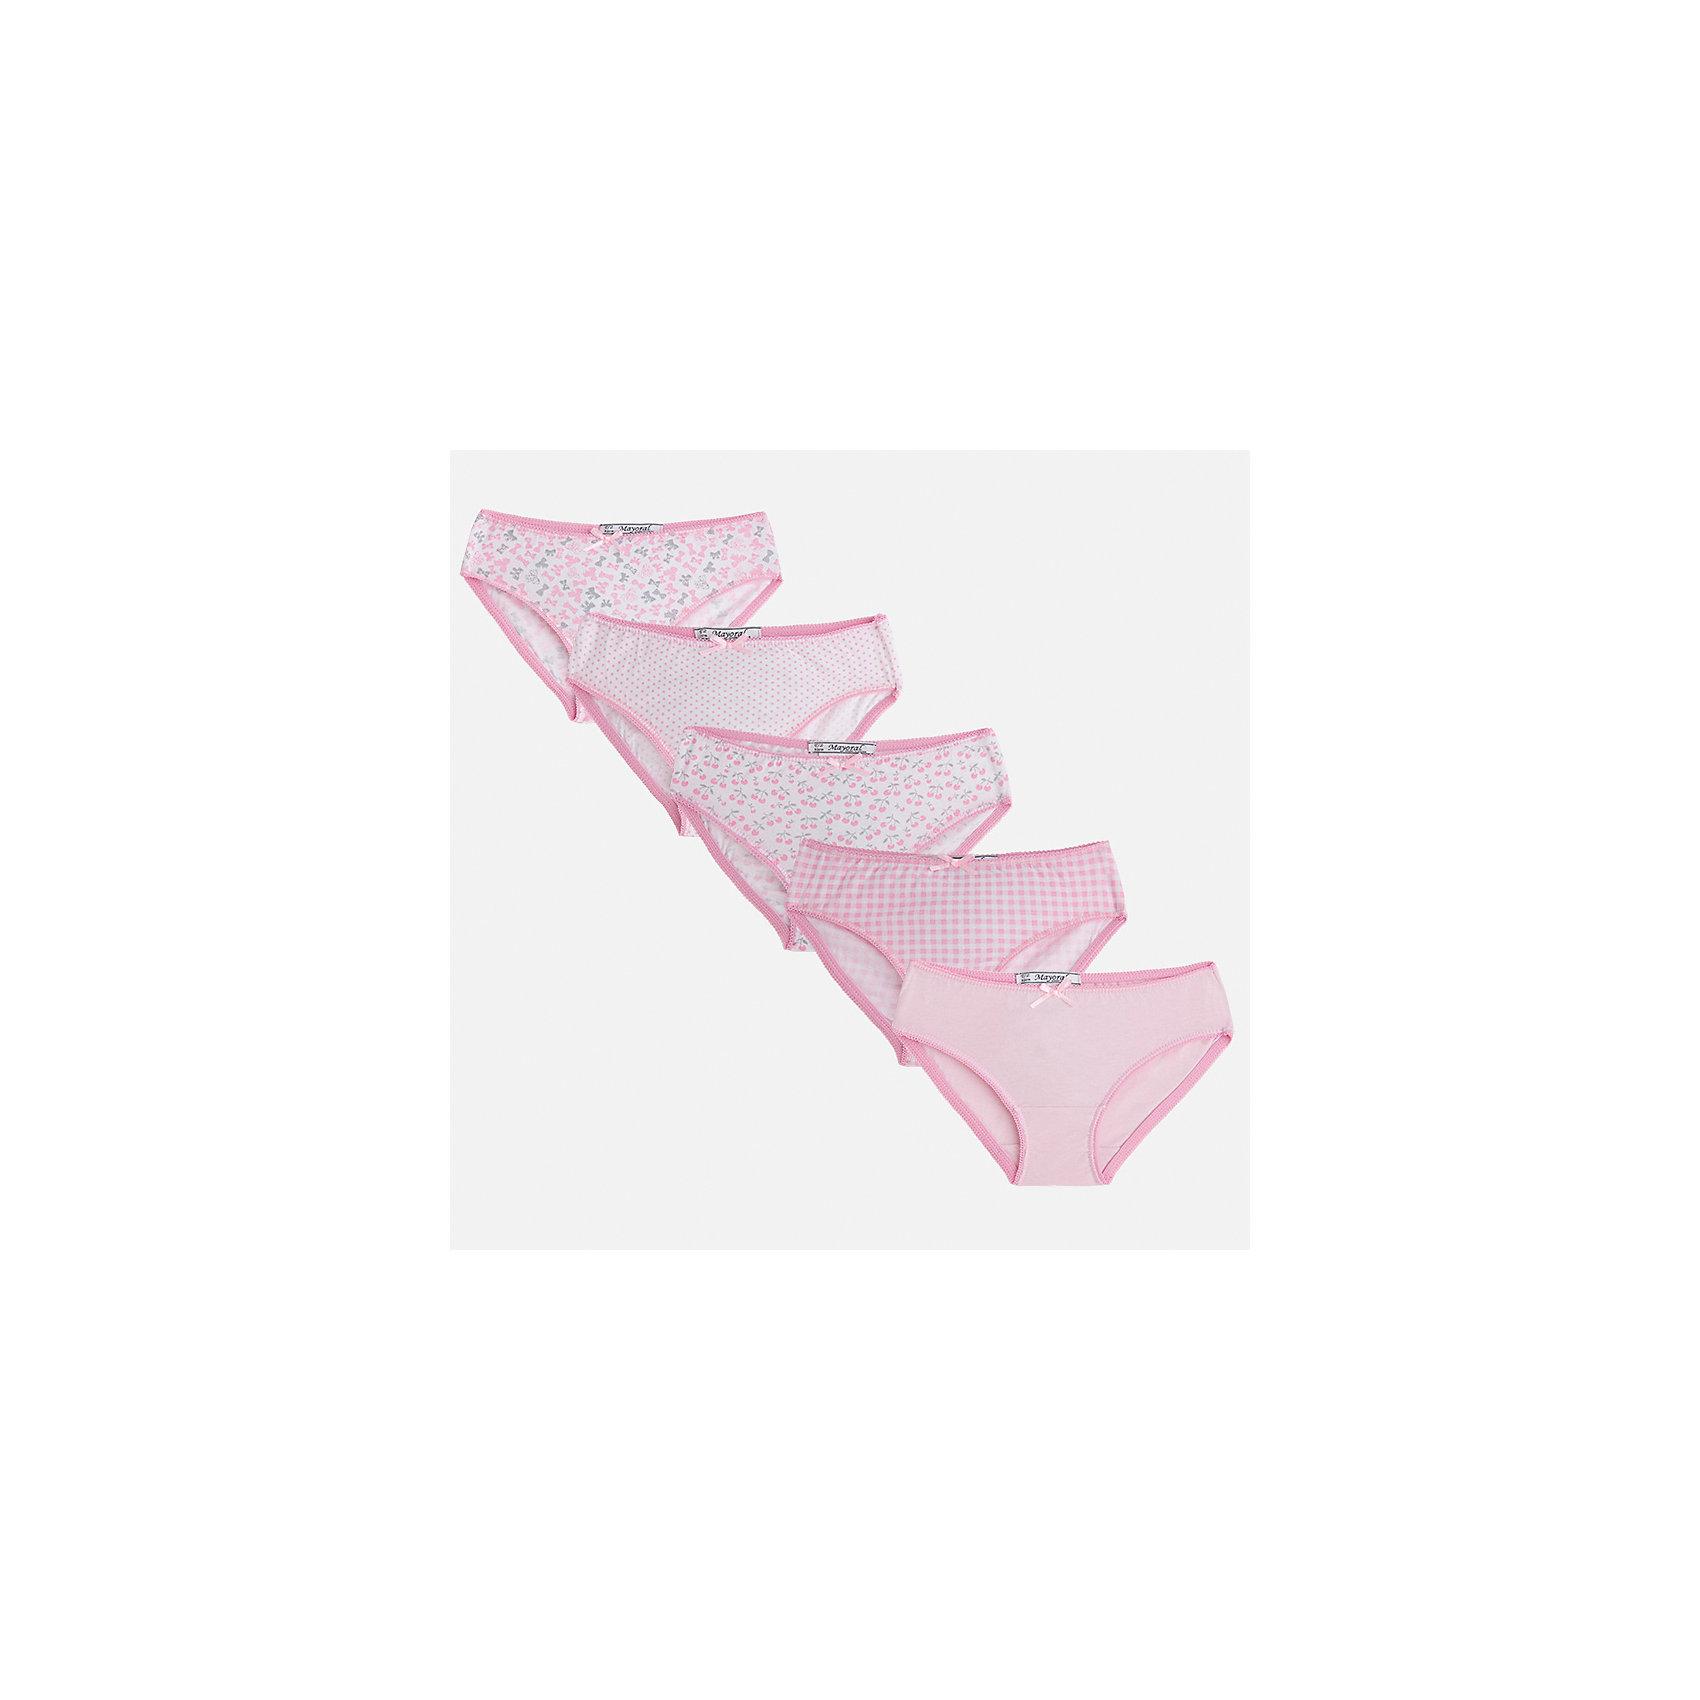 Трусы (5 шт.) для девочки MayoralНижнее бельё<br>Характеристики товара:<br><br>• цвет: розовый<br>• состав: 100% хлопок<br>• комплектация: 5 шт.<br>• мягкая резинка<br>• эластичный материал<br>• декорированы бантом<br>• страна бренда: Испания<br><br>В комплекте - пять предметов различной расцветки. Некоторые декорированы принтом. Трусы сделаны из мягкого материала, поэтому в них ребенку будет очень удобно. В составе материала - только натуральный хлопок, гипоаллергенный, приятный на ощупь, дышащий. <br><br>Трусы (5 шт.) для девочки от испанского бренда Mayoral (Майорал) можно купить в нашем интернет-магазине.<br><br>Ширина мм: 196<br>Глубина мм: 10<br>Высота мм: 154<br>Вес г: 152<br>Цвет: фиолетовый<br>Возраст от месяцев: 144<br>Возраст до месяцев: 156<br>Пол: Женский<br>Возраст: Детский<br>Размер: 158,92,104,116,128/134,140,152<br>SKU: 5293428